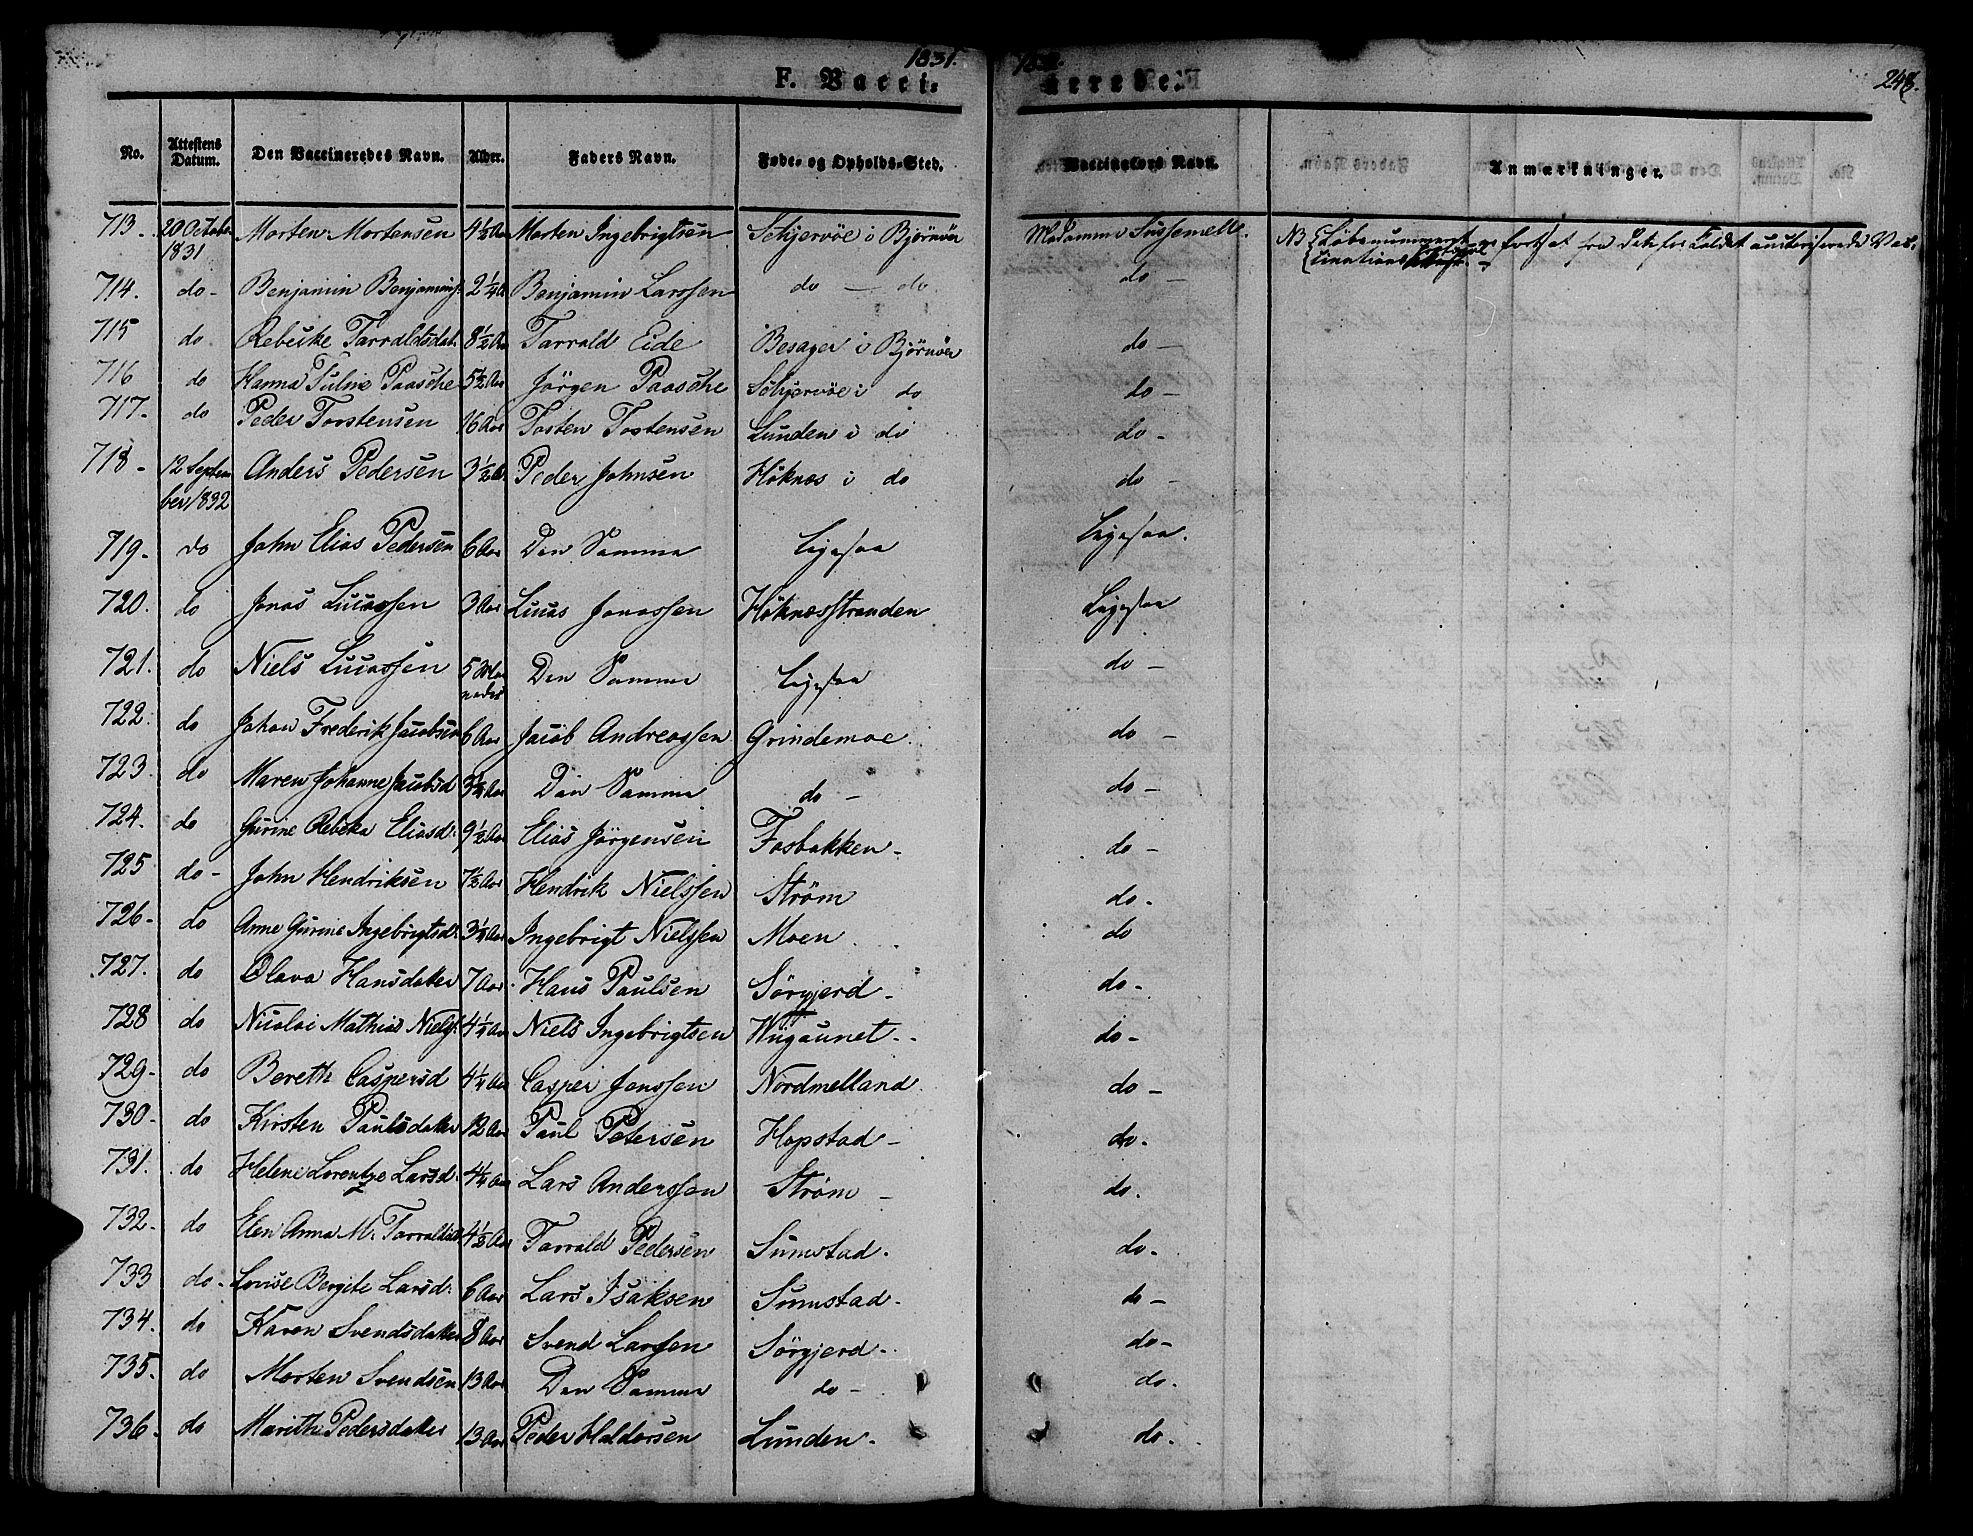 SAT, Ministerialprotokoller, klokkerbøker og fødselsregistre - Sør-Trøndelag, 657/L0703: Ministerialbok nr. 657A04, 1831-1846, s. 248